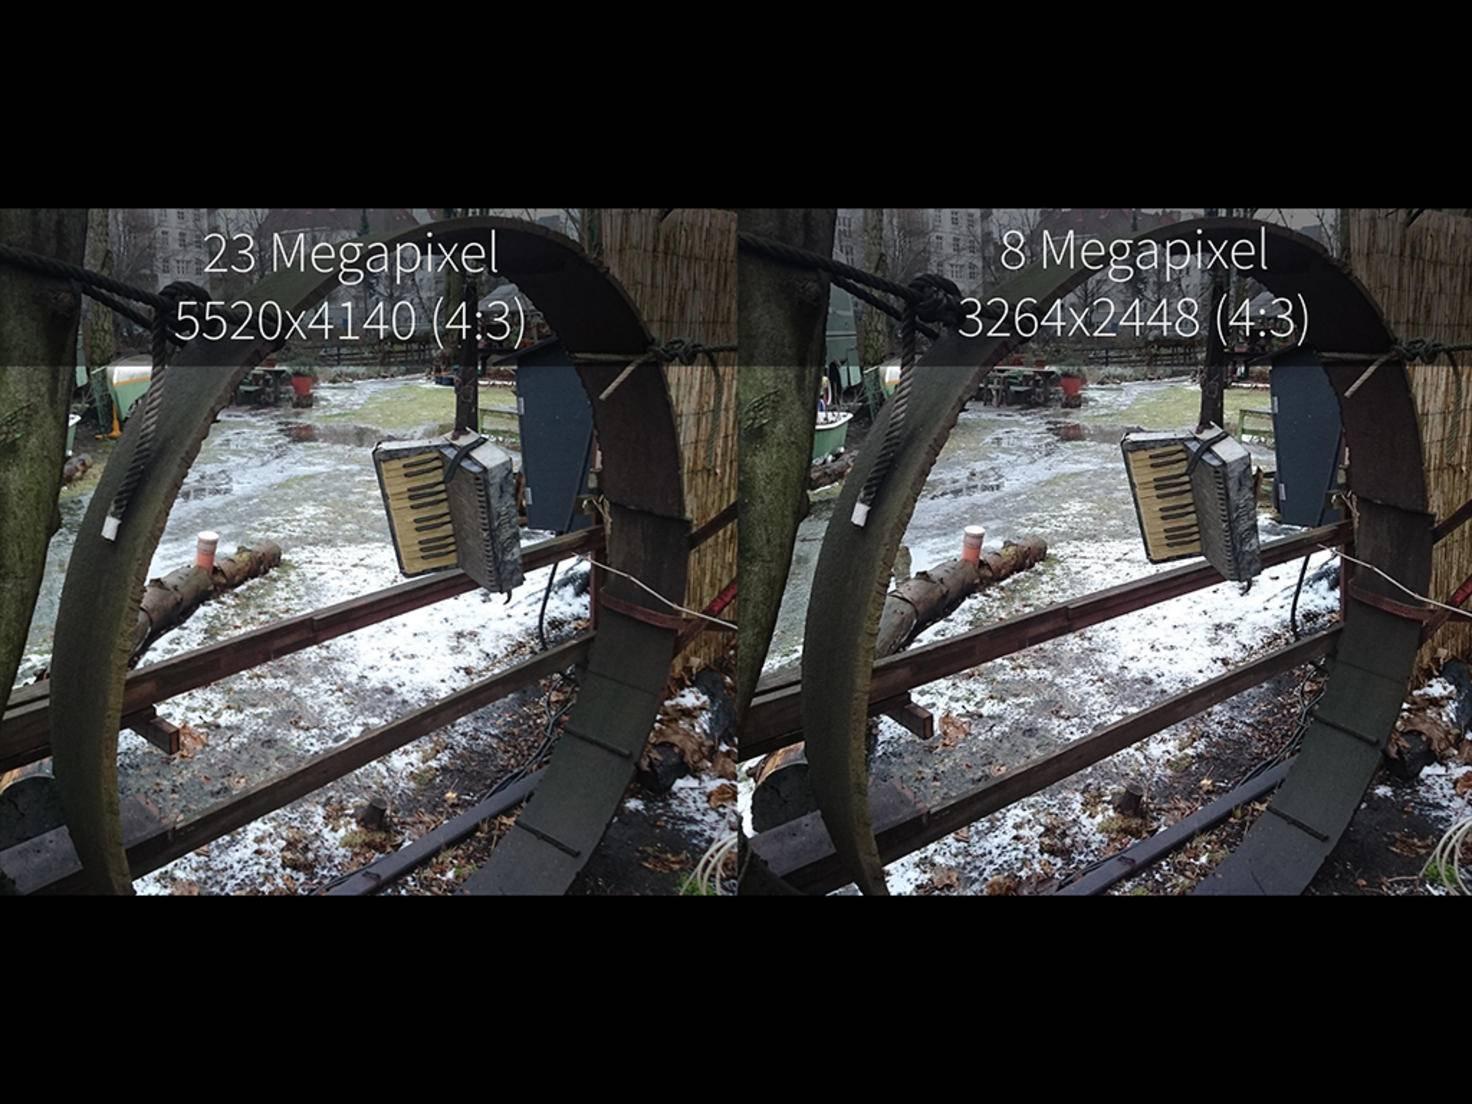 Standardmäßig macht das Xperia Z5 Premium Fotos mit 8 Megapixel.